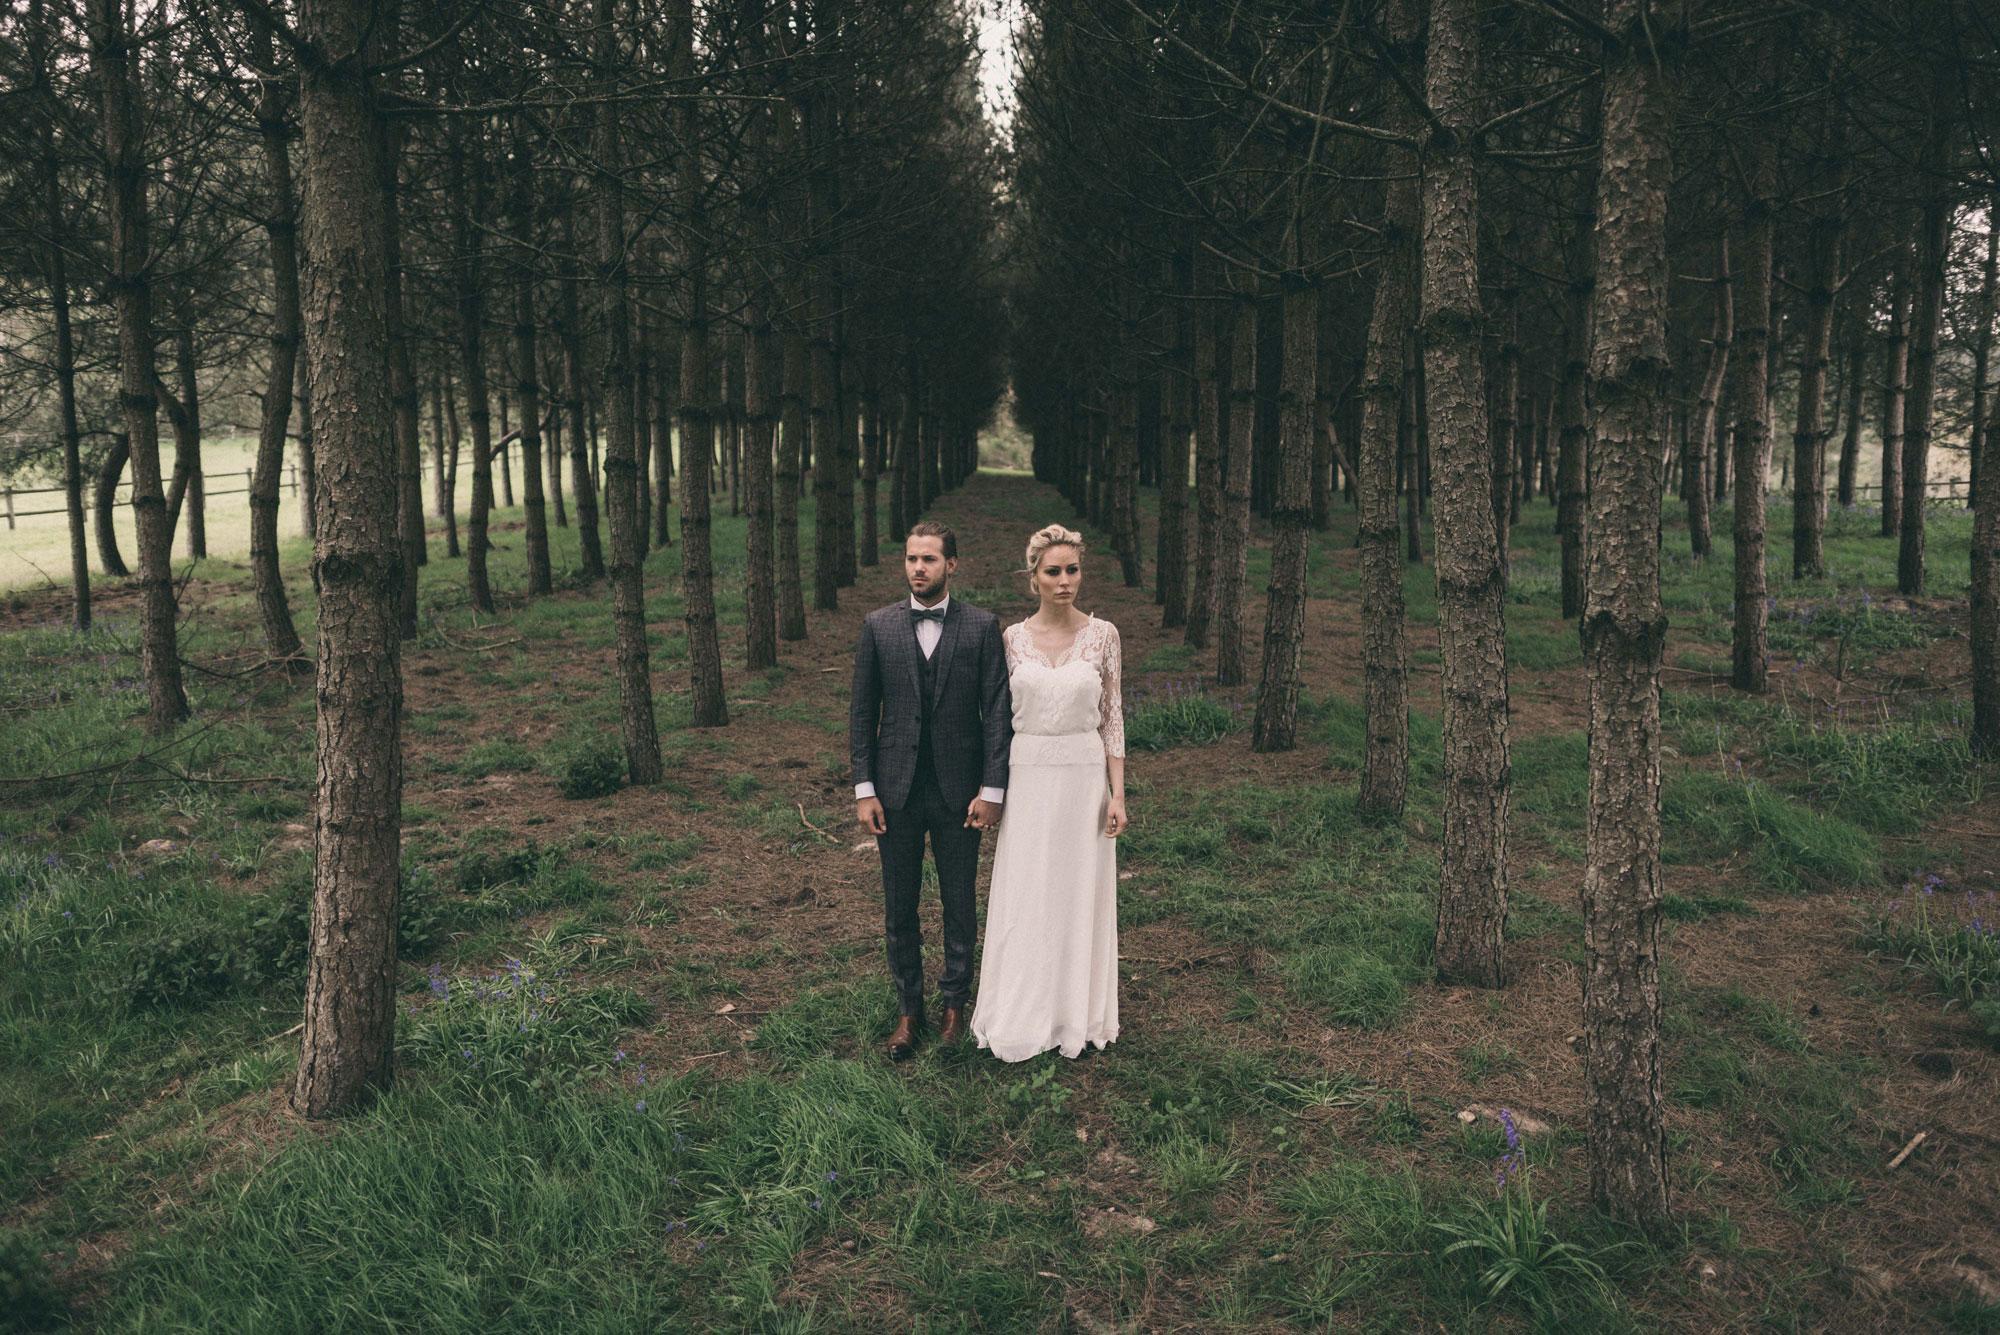 Mariage équestre